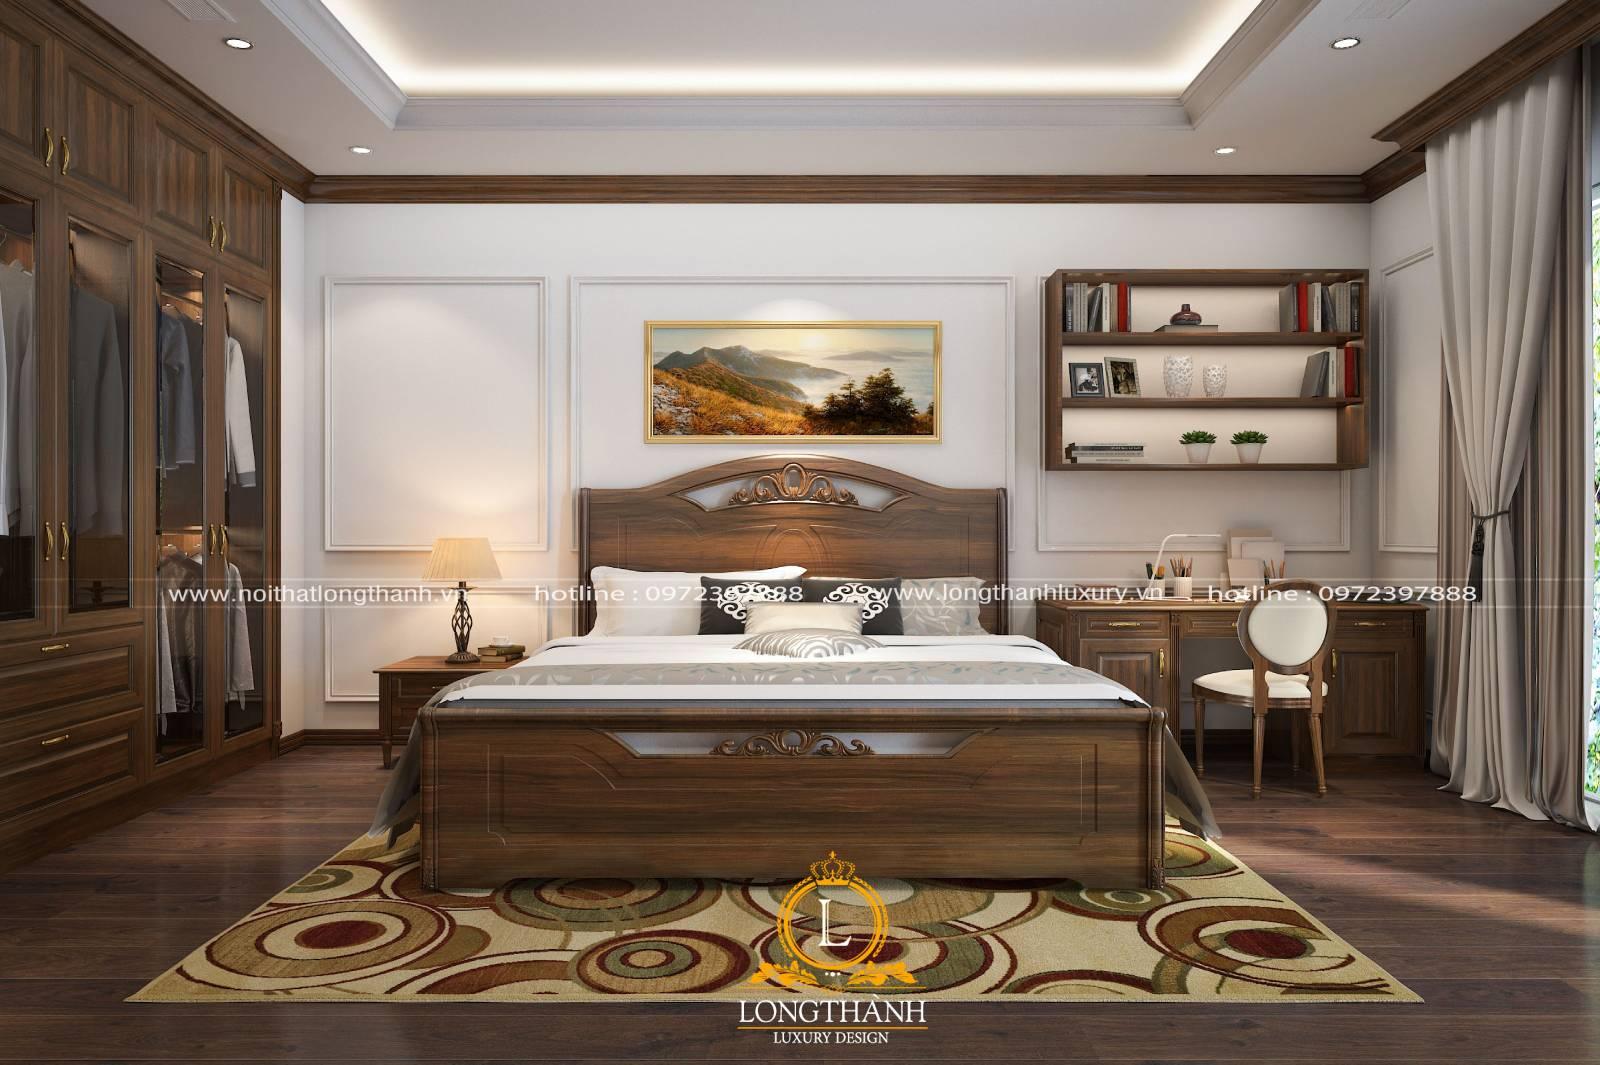 Tranh treo tường hài hòa cân đối tạo điểm nhấn cho phòng ngủ tân cổ điển